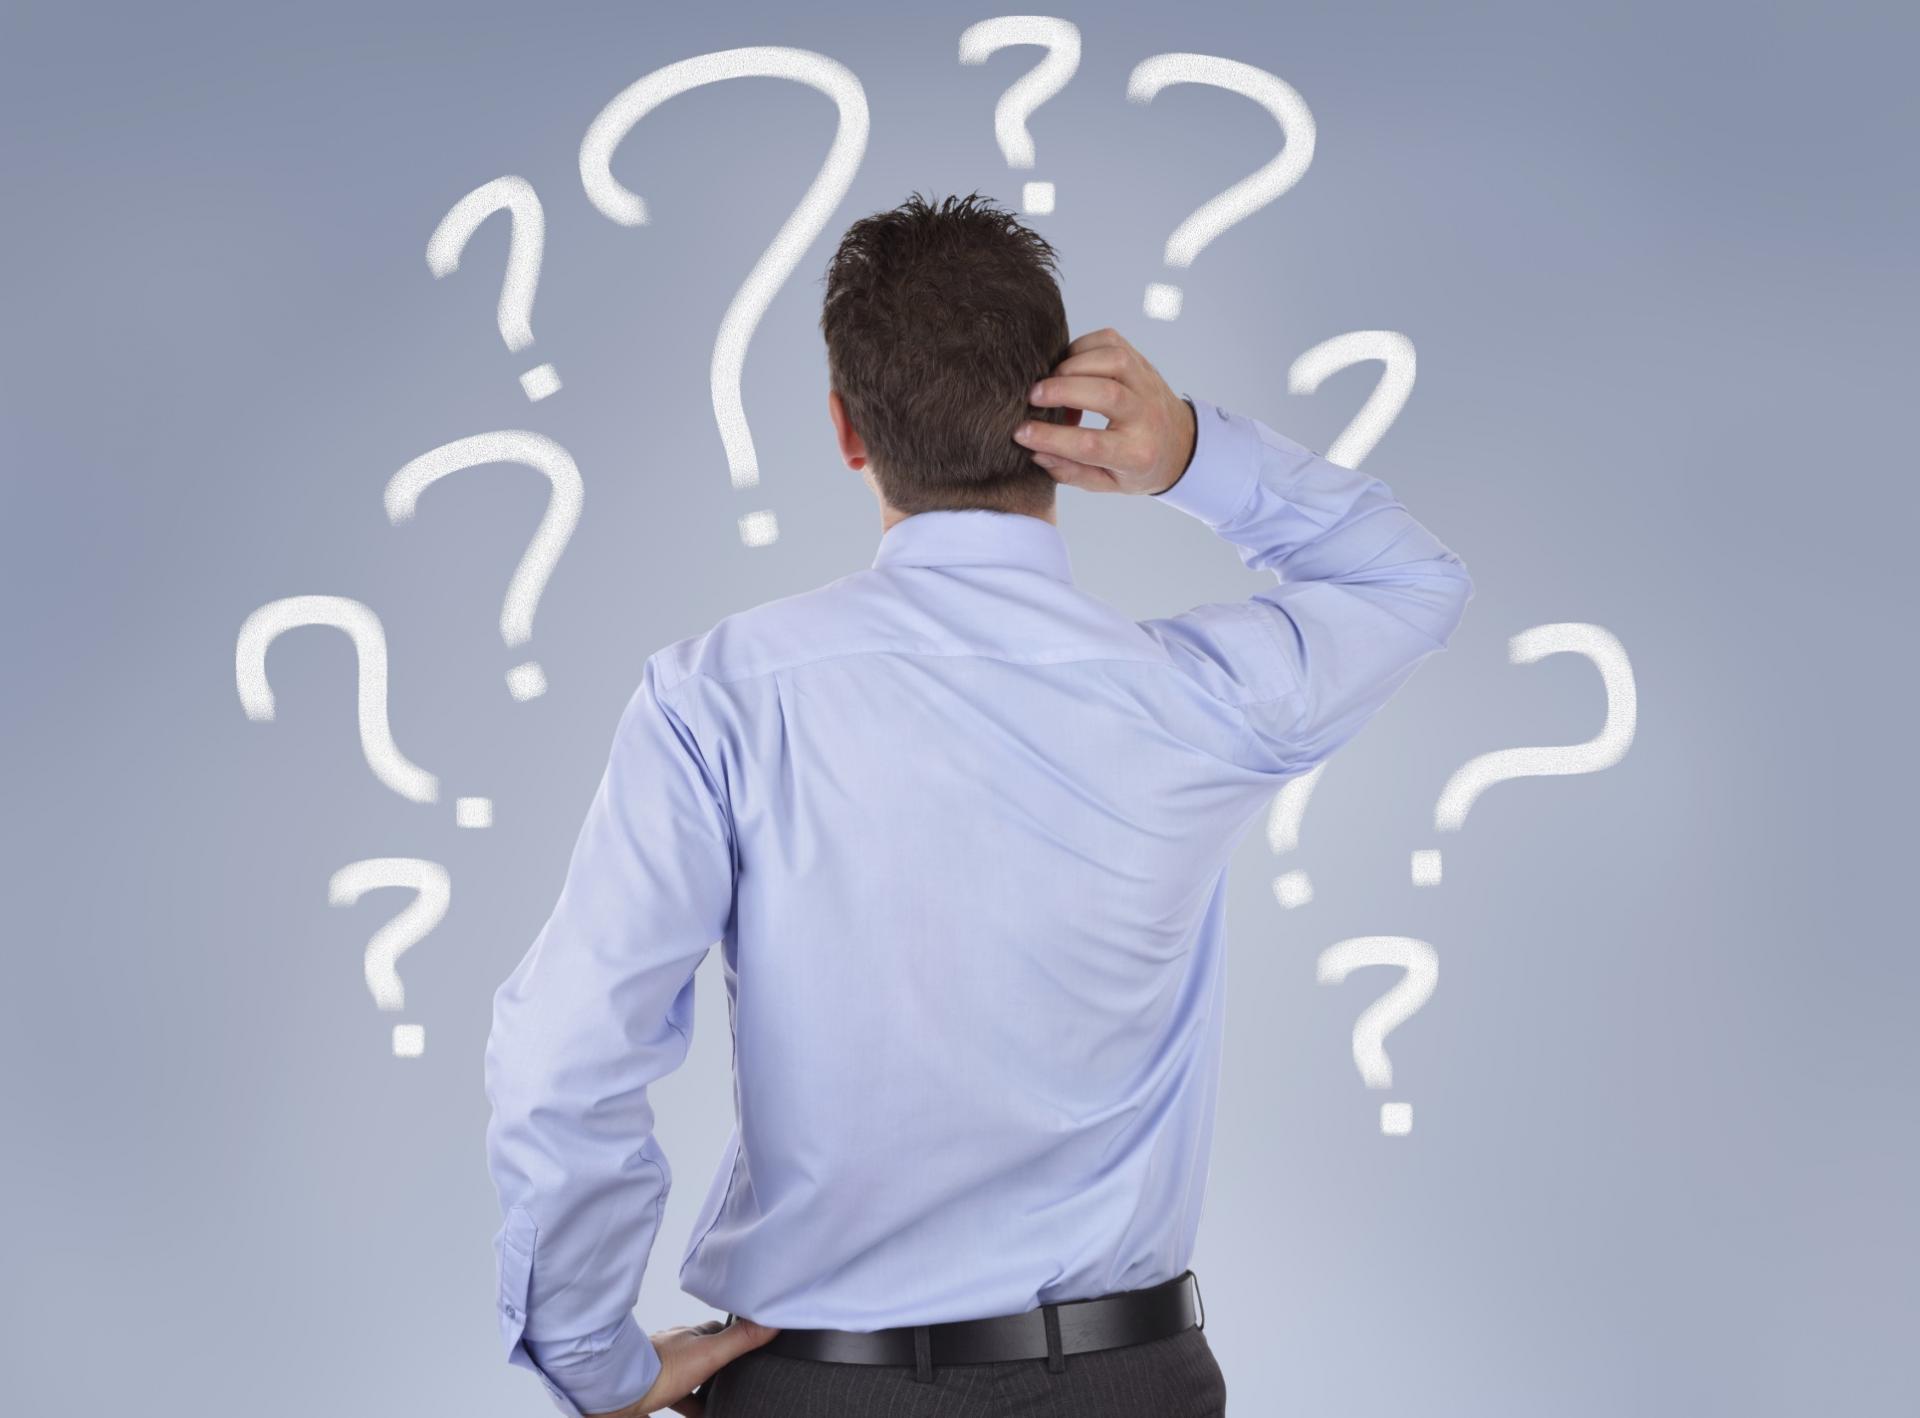 Гинекомастия у мужчин: классификация, симптомы и способы лечения